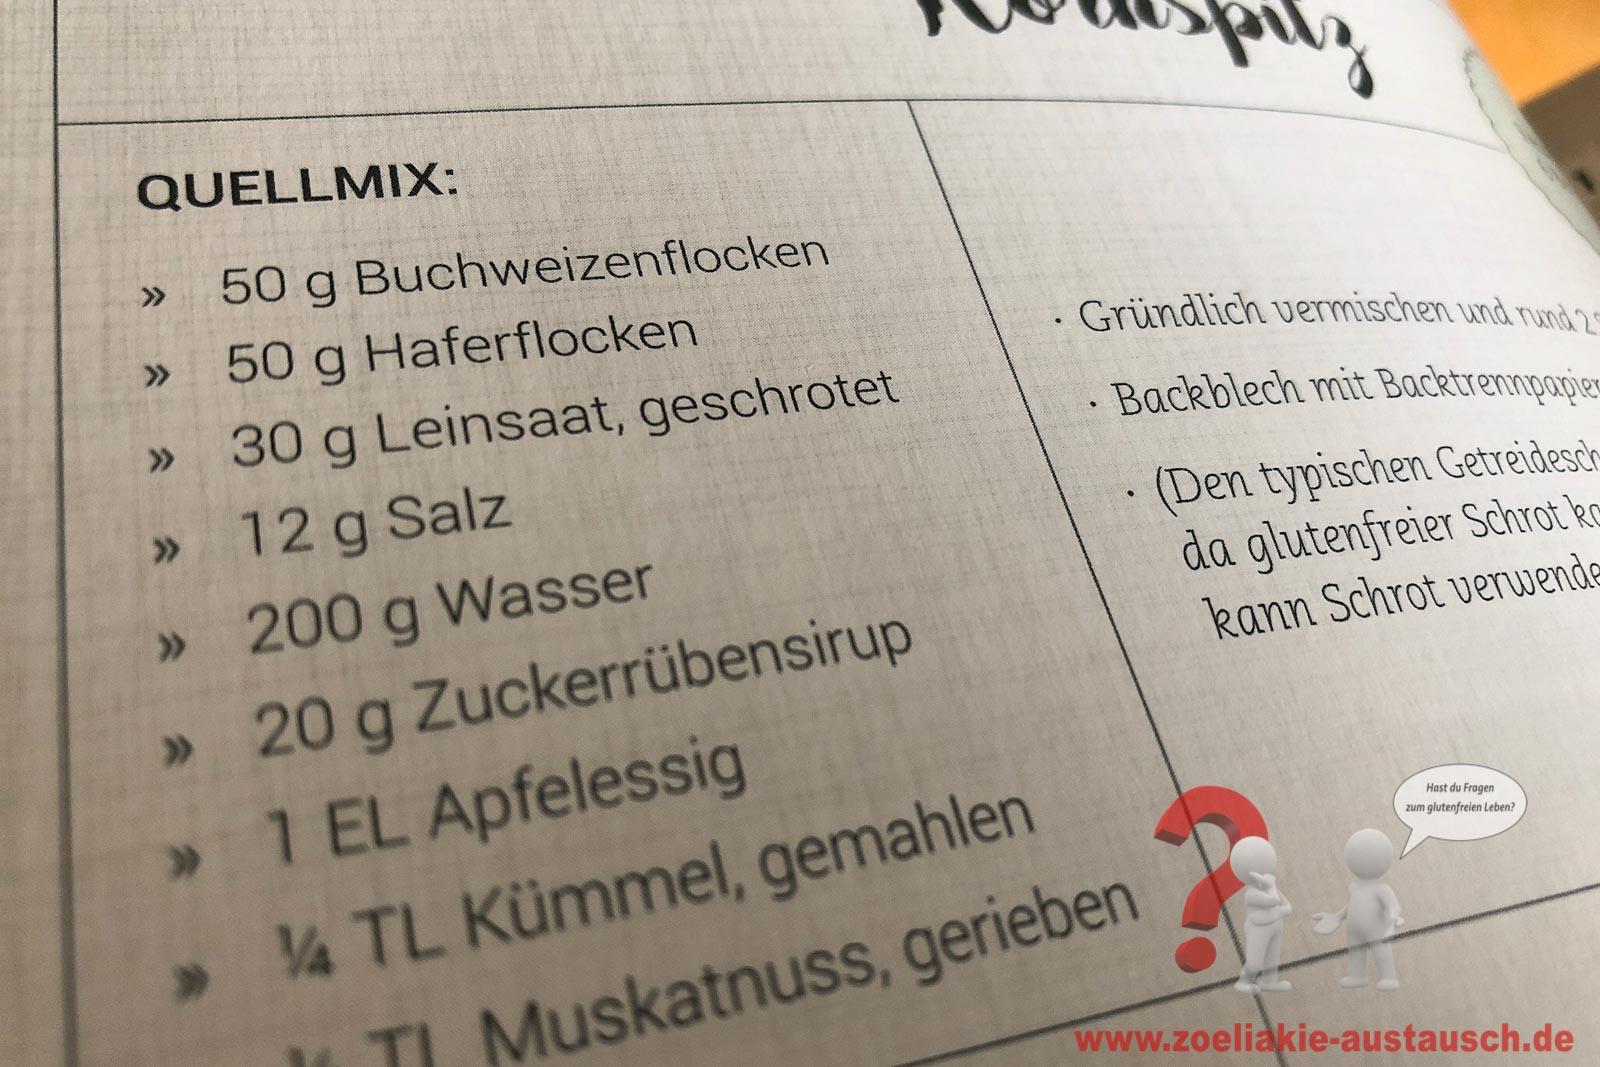 Schulenburg_Brot-Broetchen-und-mehr_Zoeliakie_Austausch_020